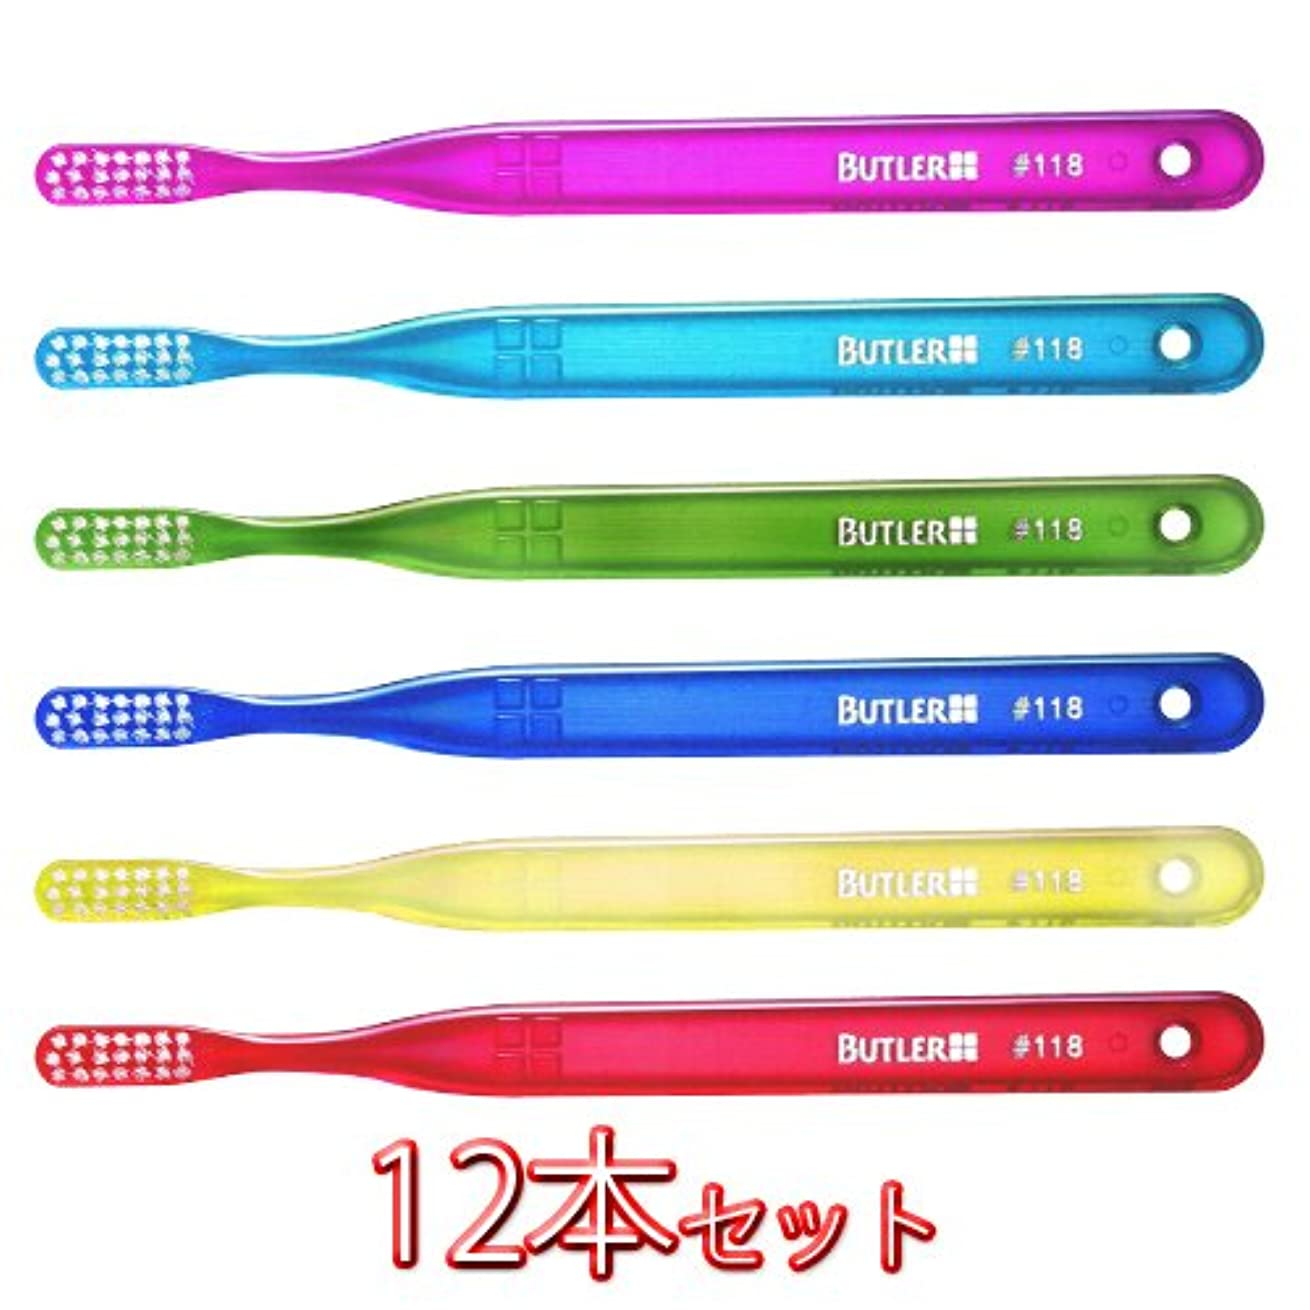 真実に話す争いバトラー 歯ブラシ #118 ×12本